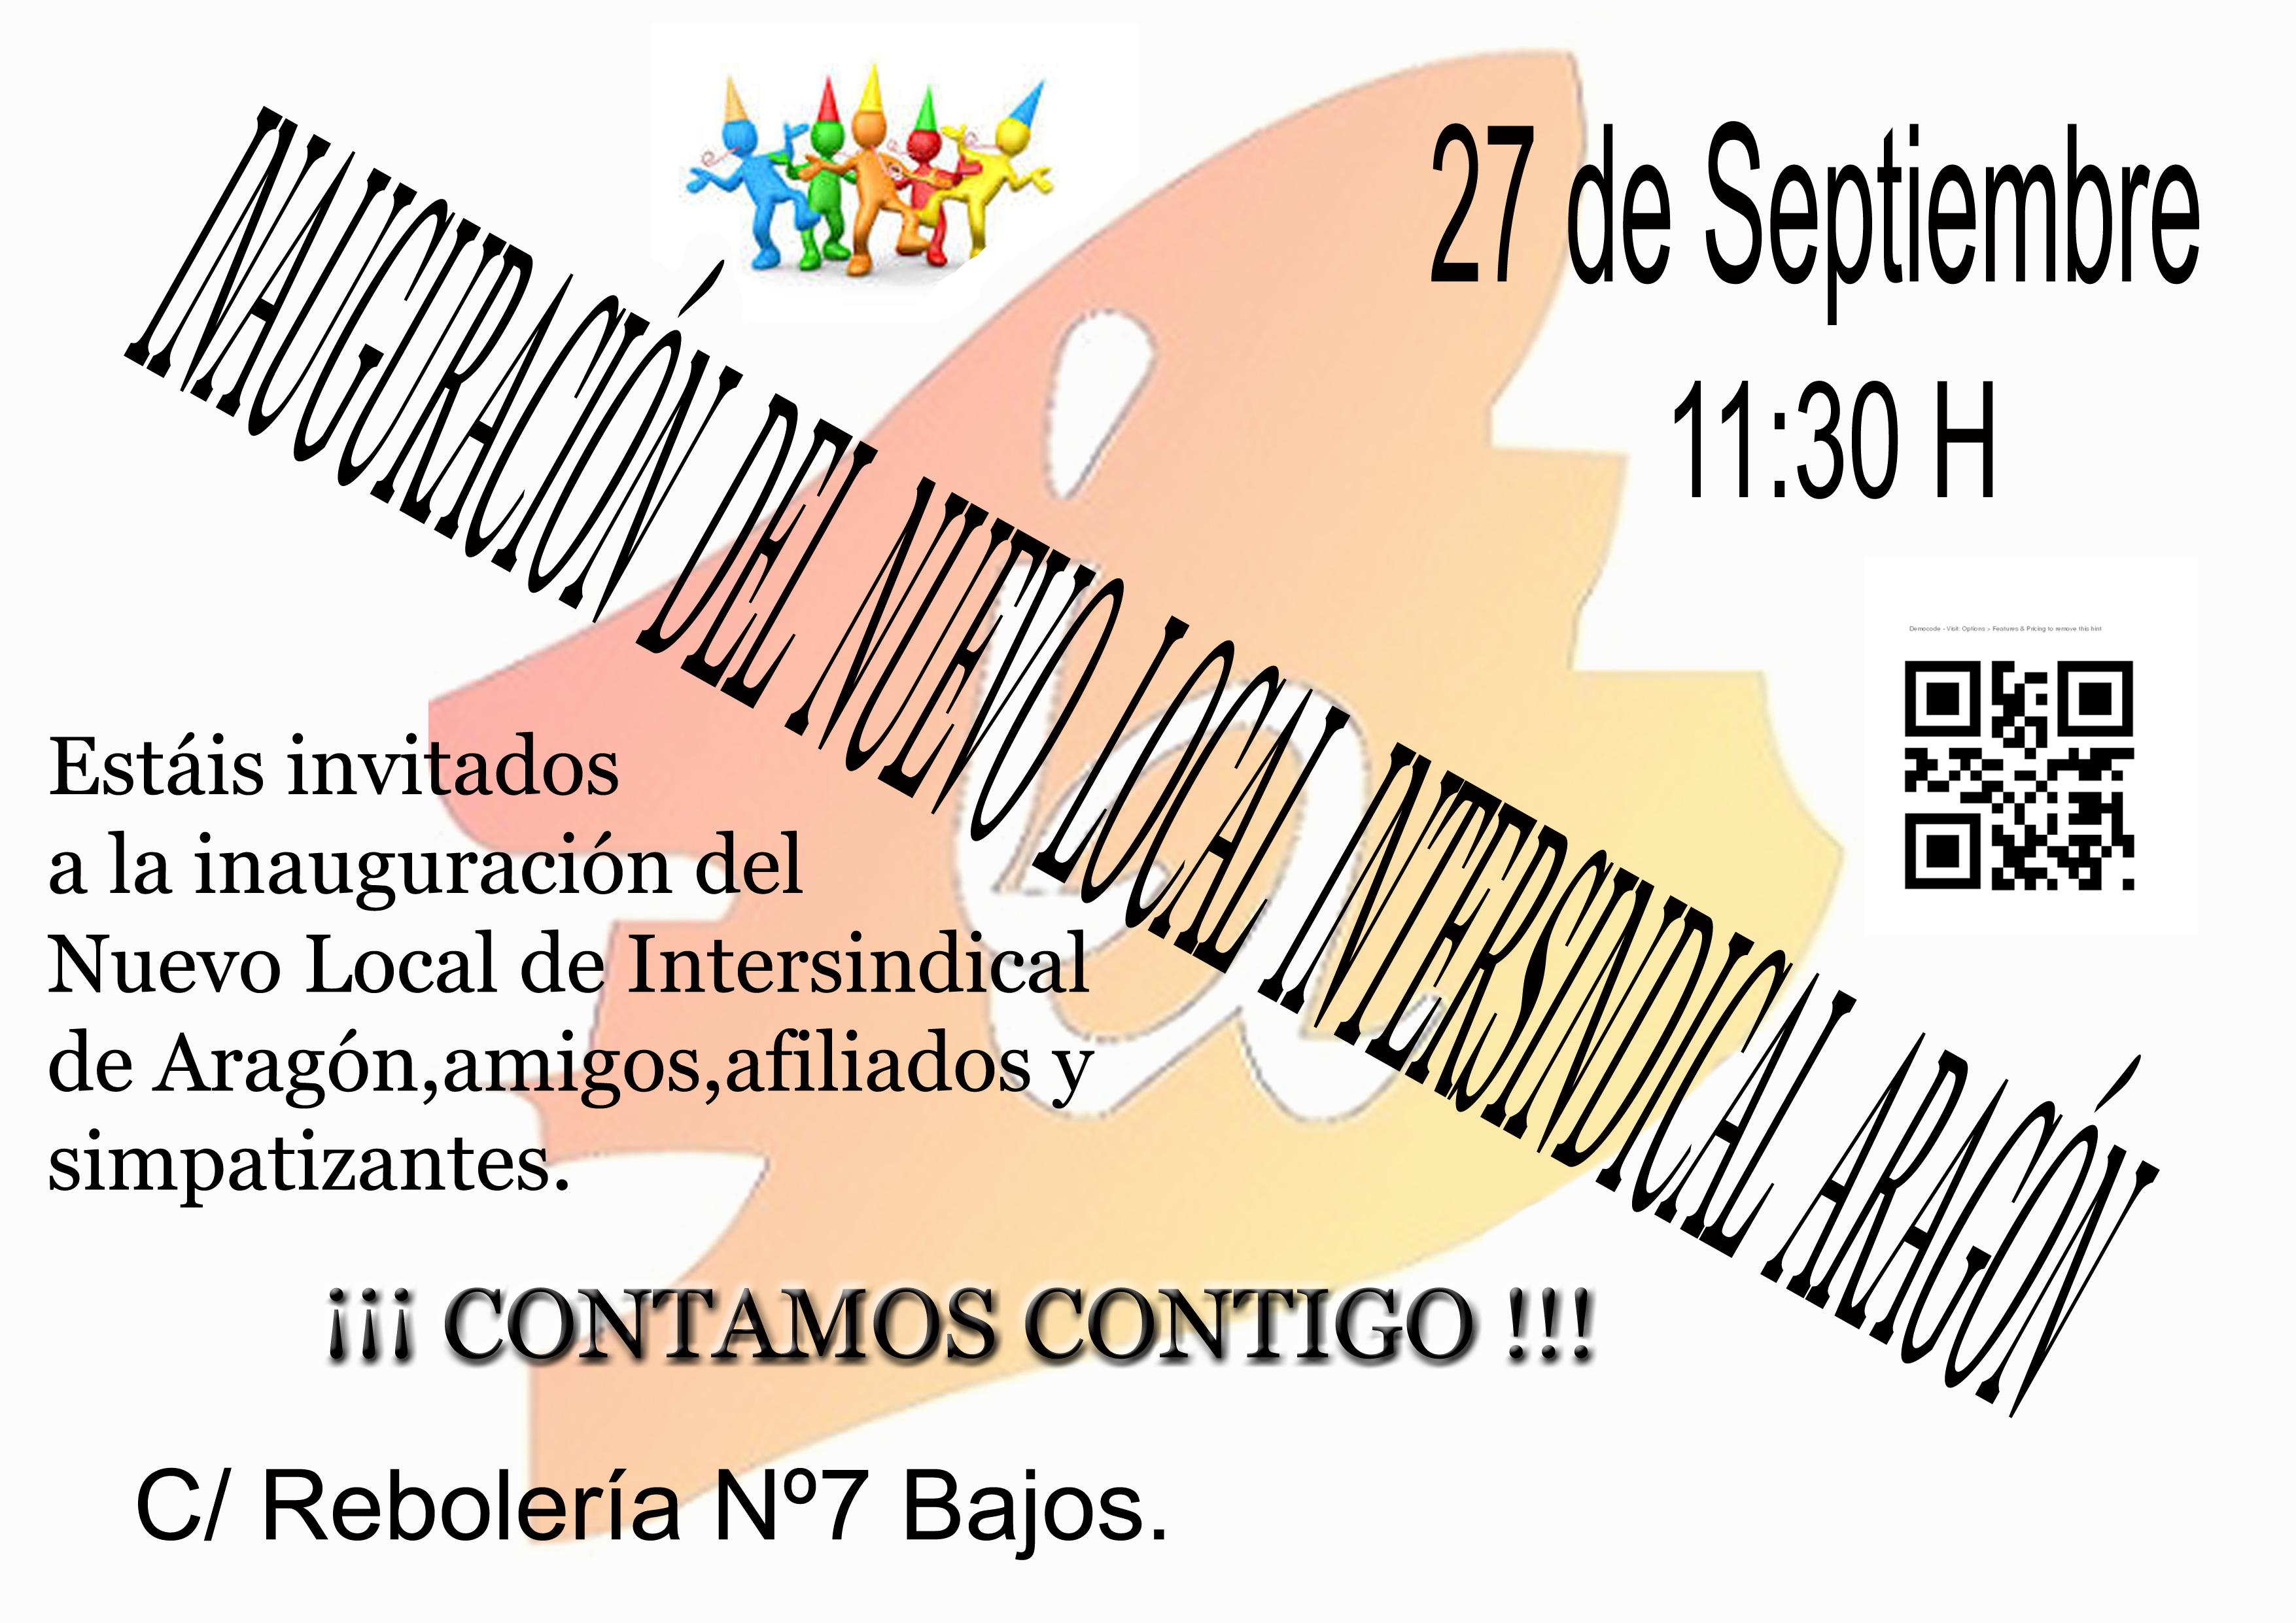 INTERSINDICAL DE ARAGON (IA), INAUGURACIÓN, NUEVO LOCAL, NUEVA ANDADURA…..